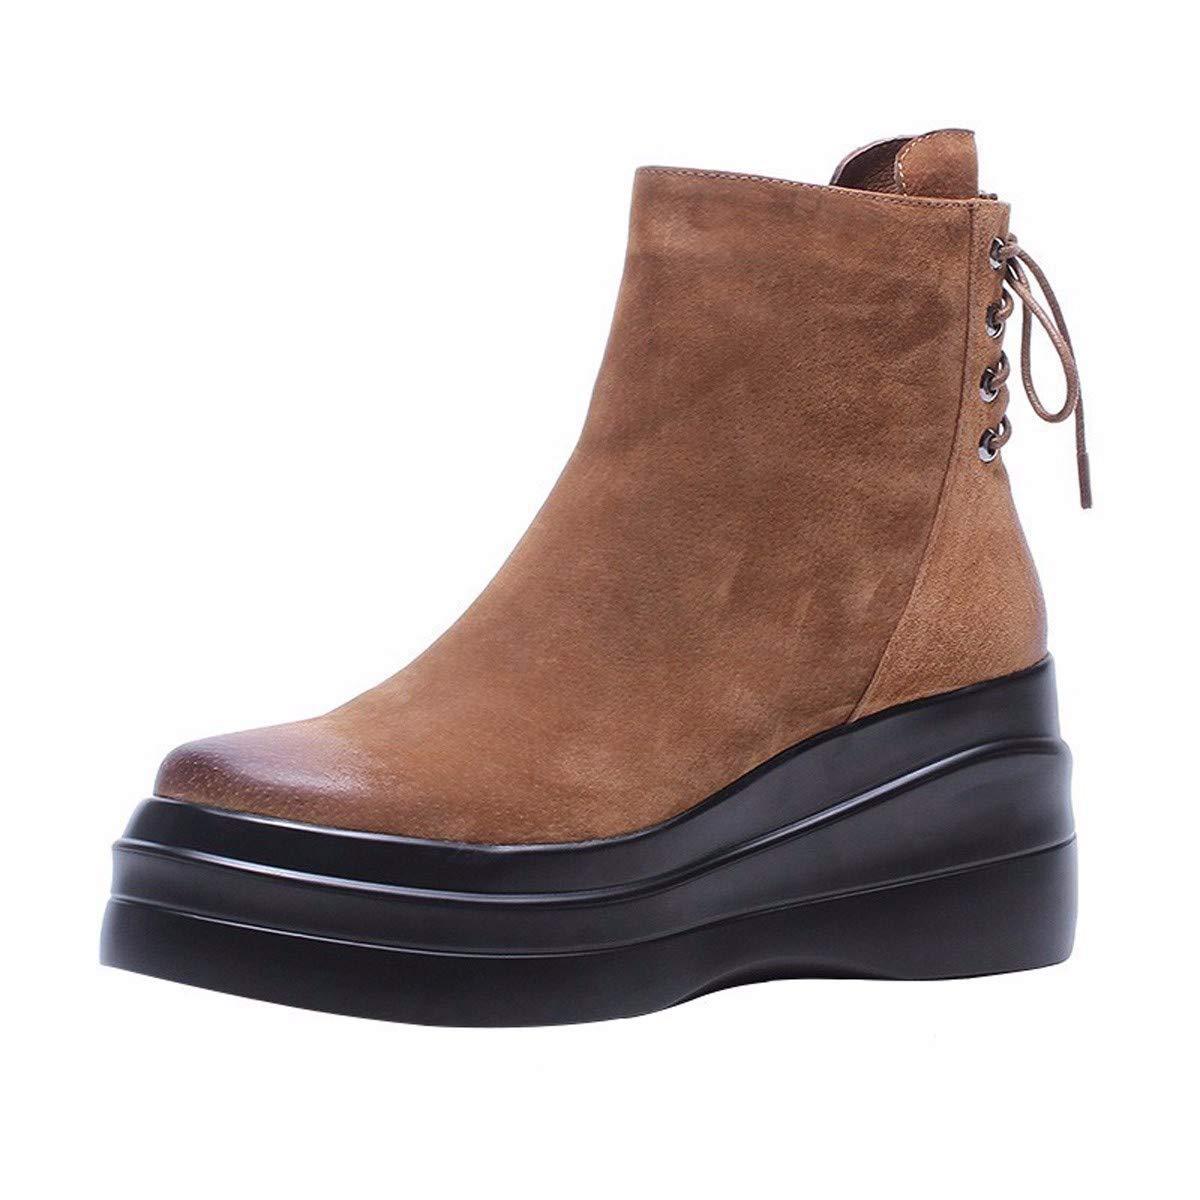 Marron HBDLH Chaussures pour femmes 9Cm Po Talon Court Bottes avec Beaucoup De Dentelles Brut éponge D'épaisseur Muffin Martin Bottes. Thirty-six